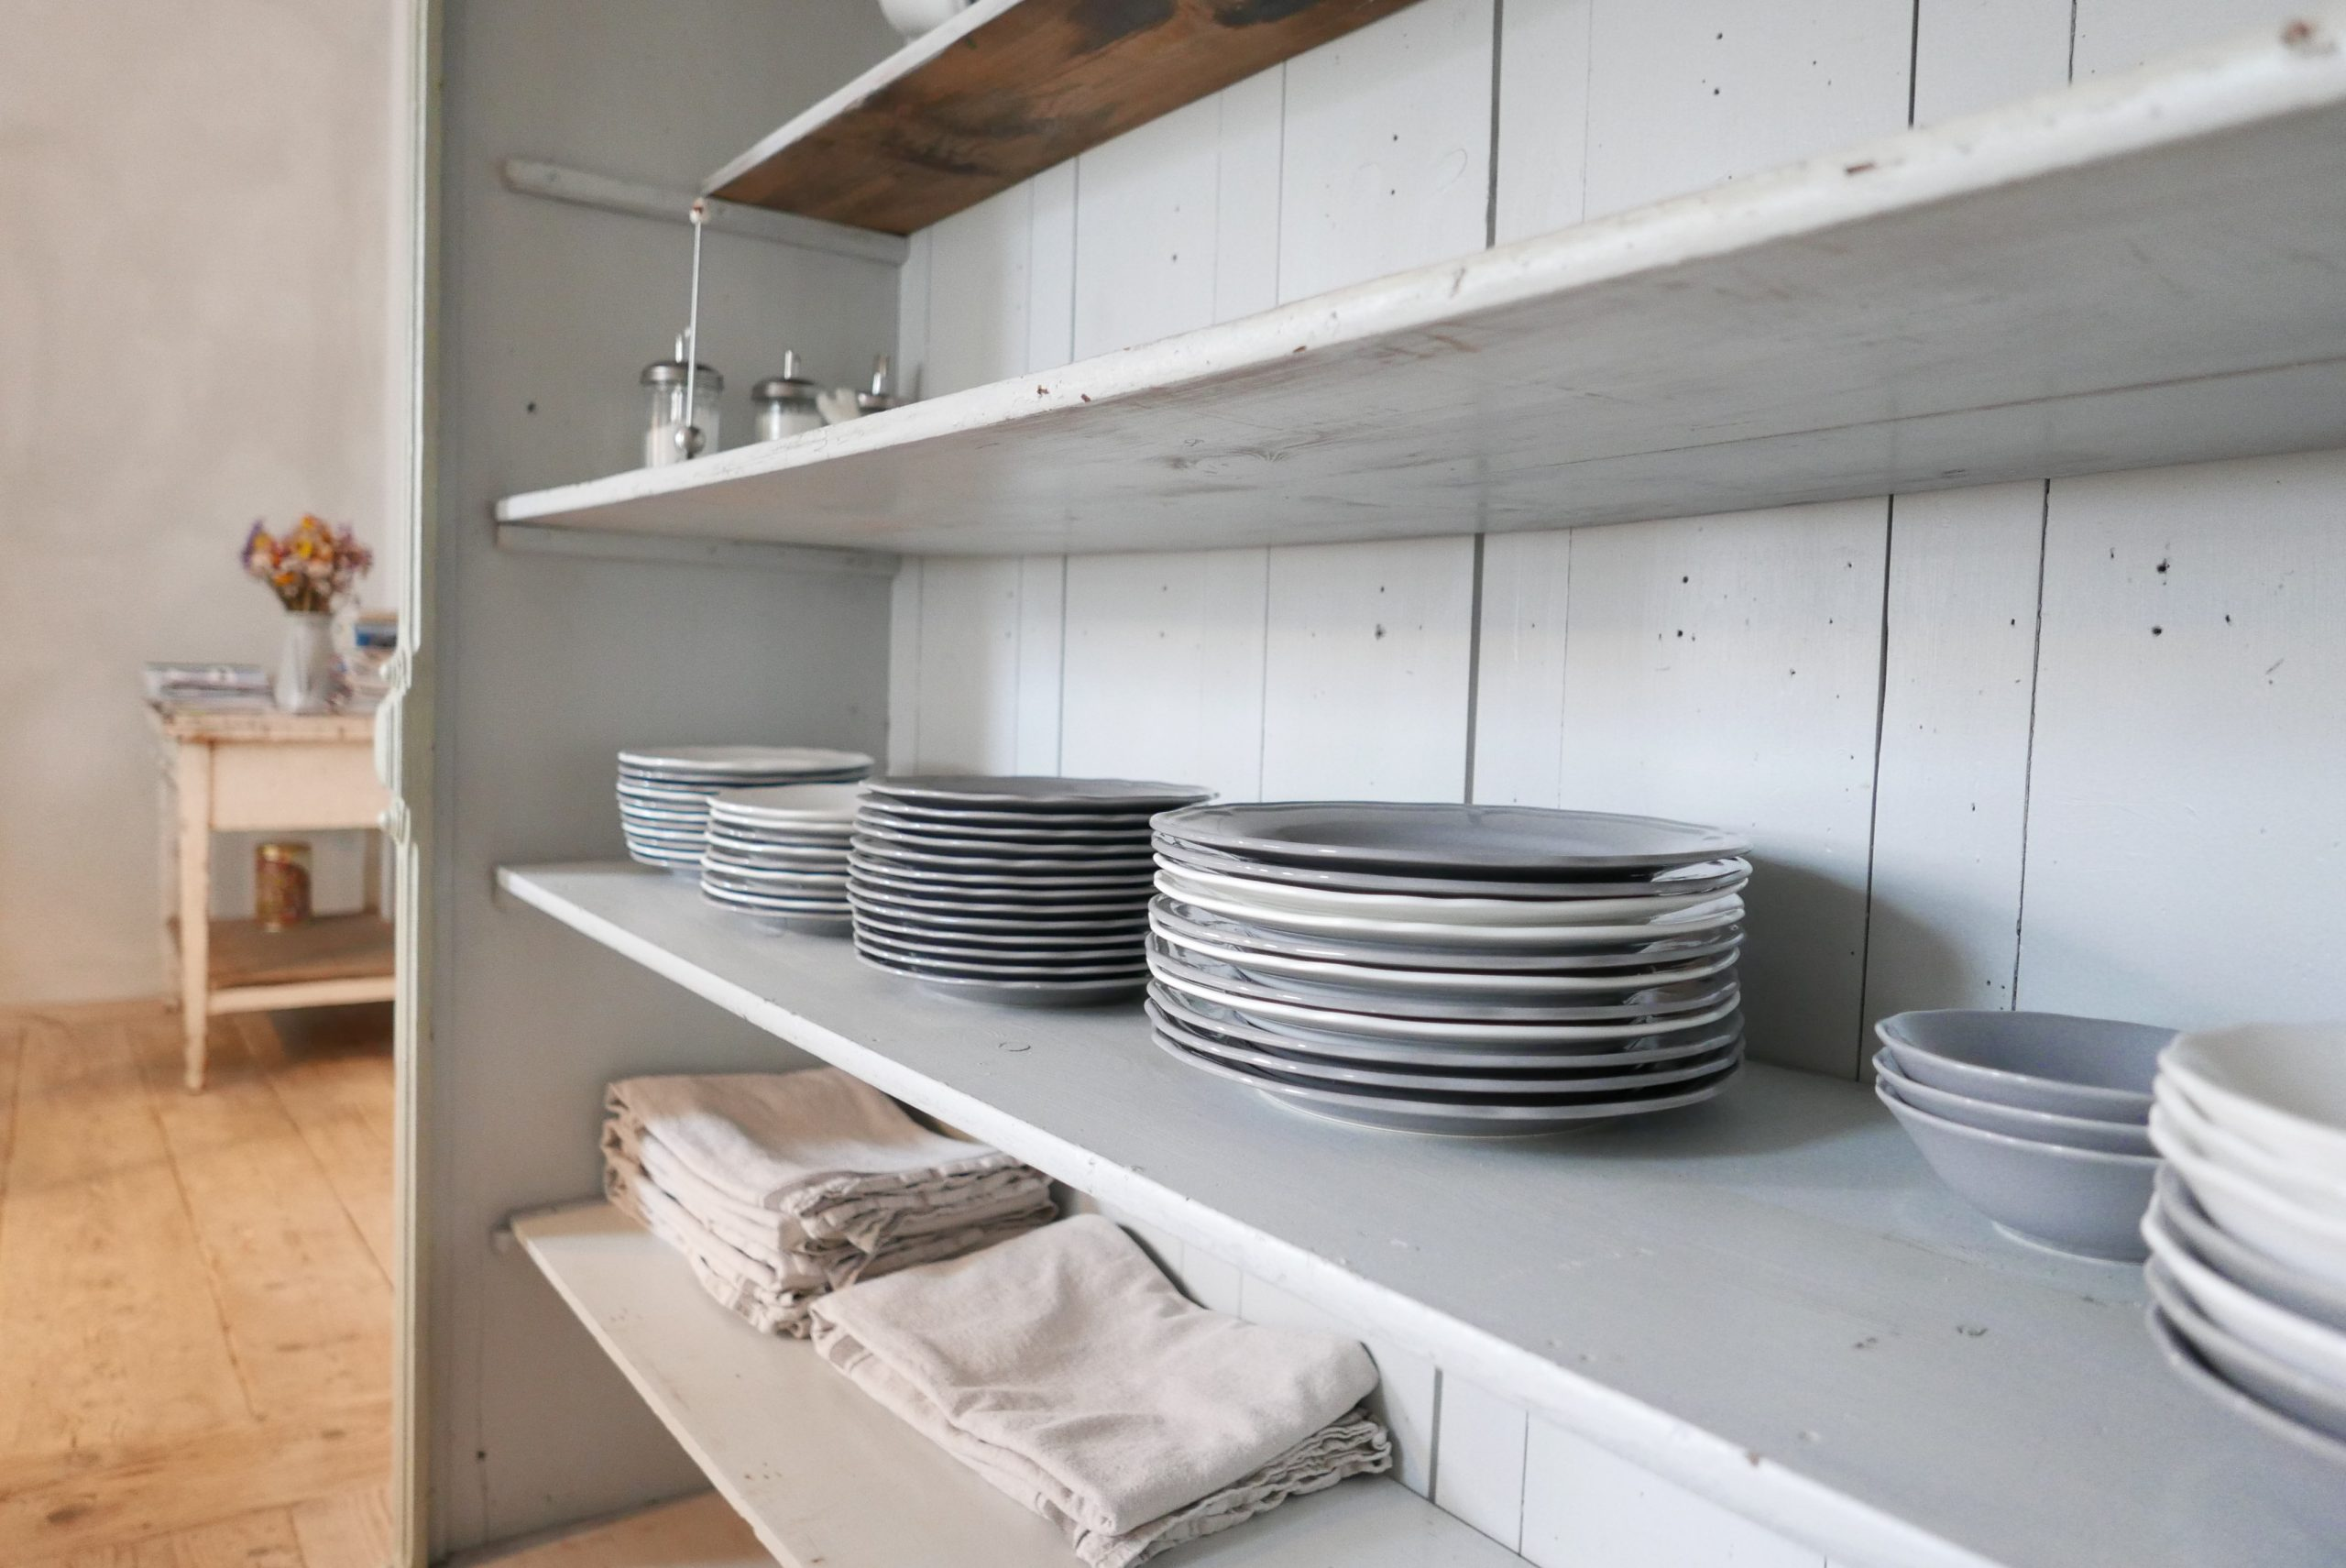 Regal mit Geschirr in dem Frühstücksraum Elbeglück Mödlich Pension am Elbdeich